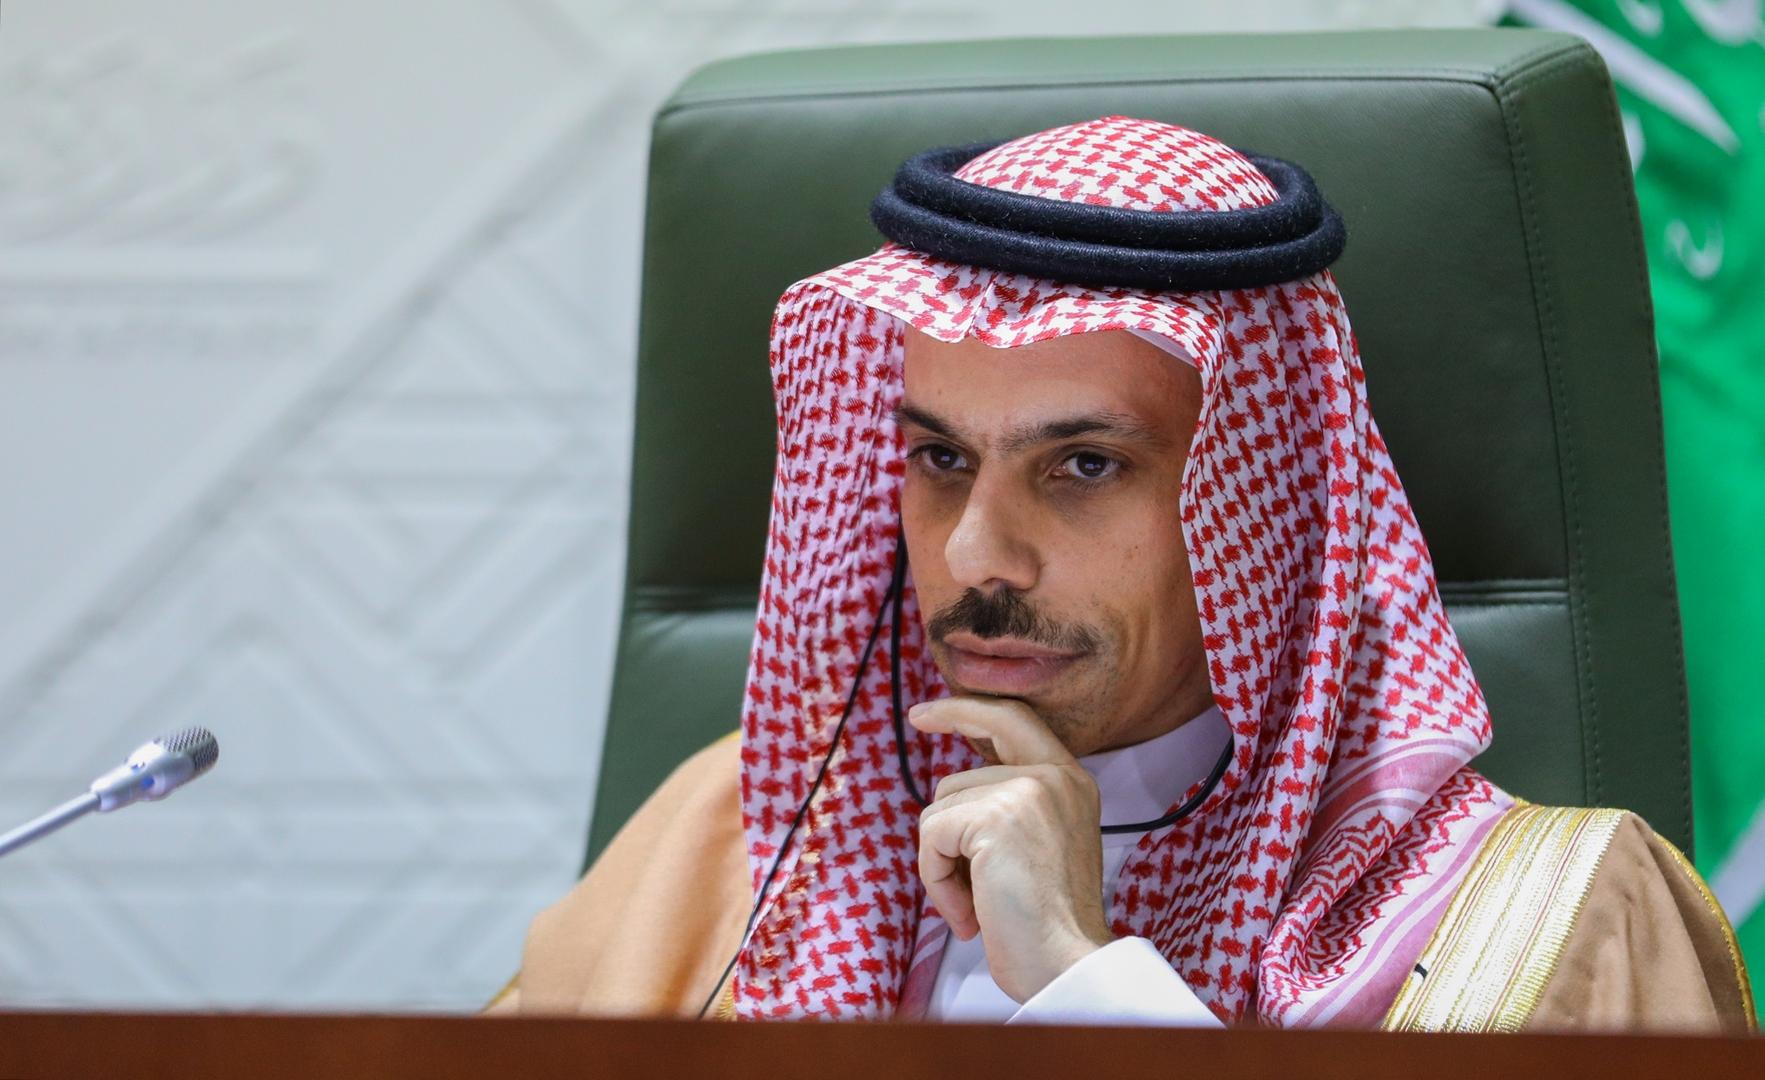 السعودية: الوضع القائم في لبنان لم يعد قابلا للتطبيق